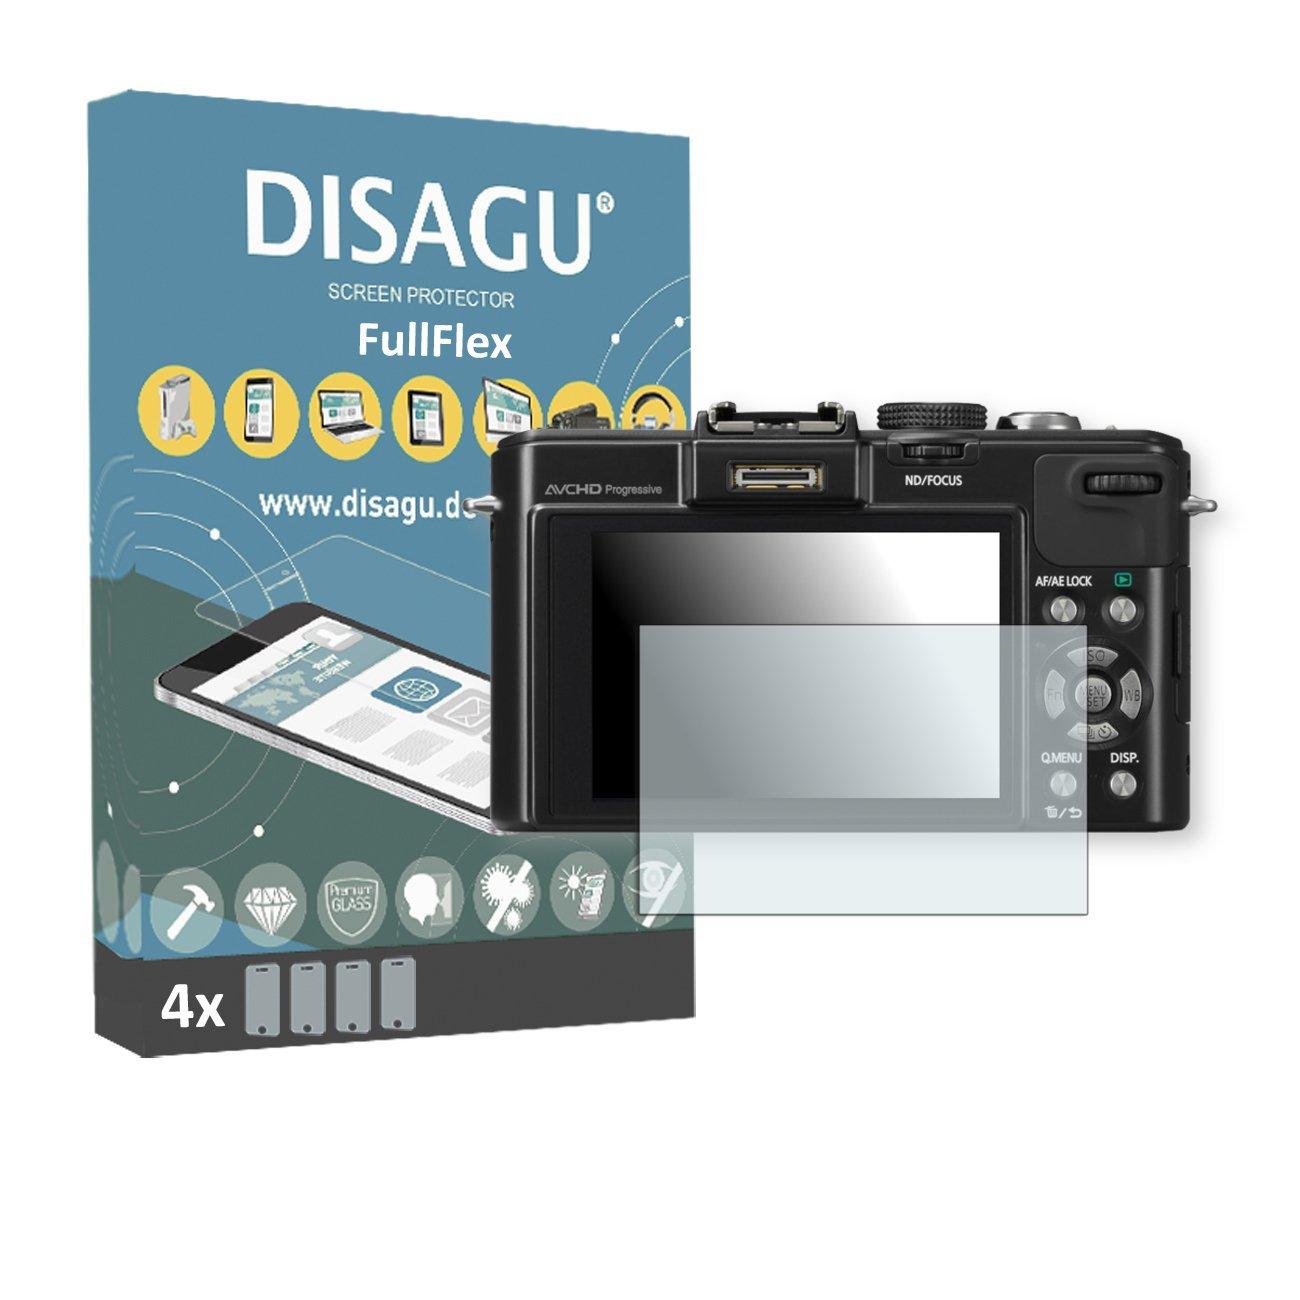 4 x Disagu FullFlex screen protector for Panasonic Lumix-DMC LX7 foil screen protector